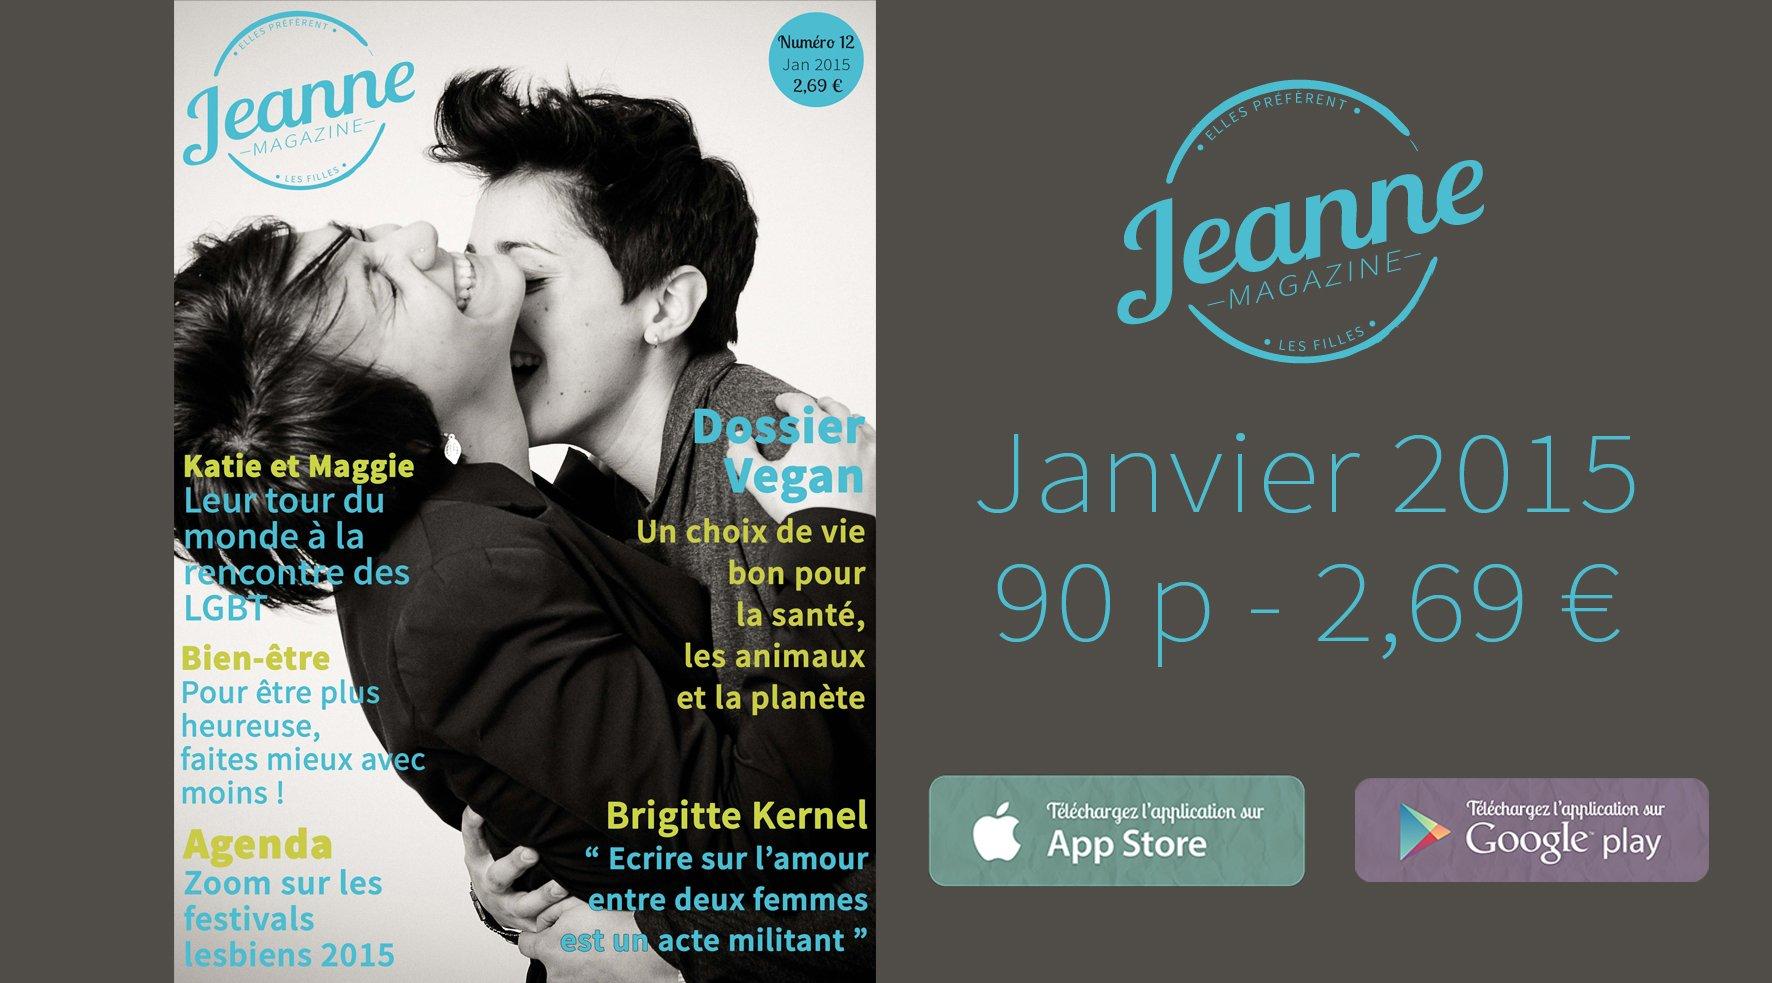 Sortie de Jeanne Magazine n°12 – janvier 2015